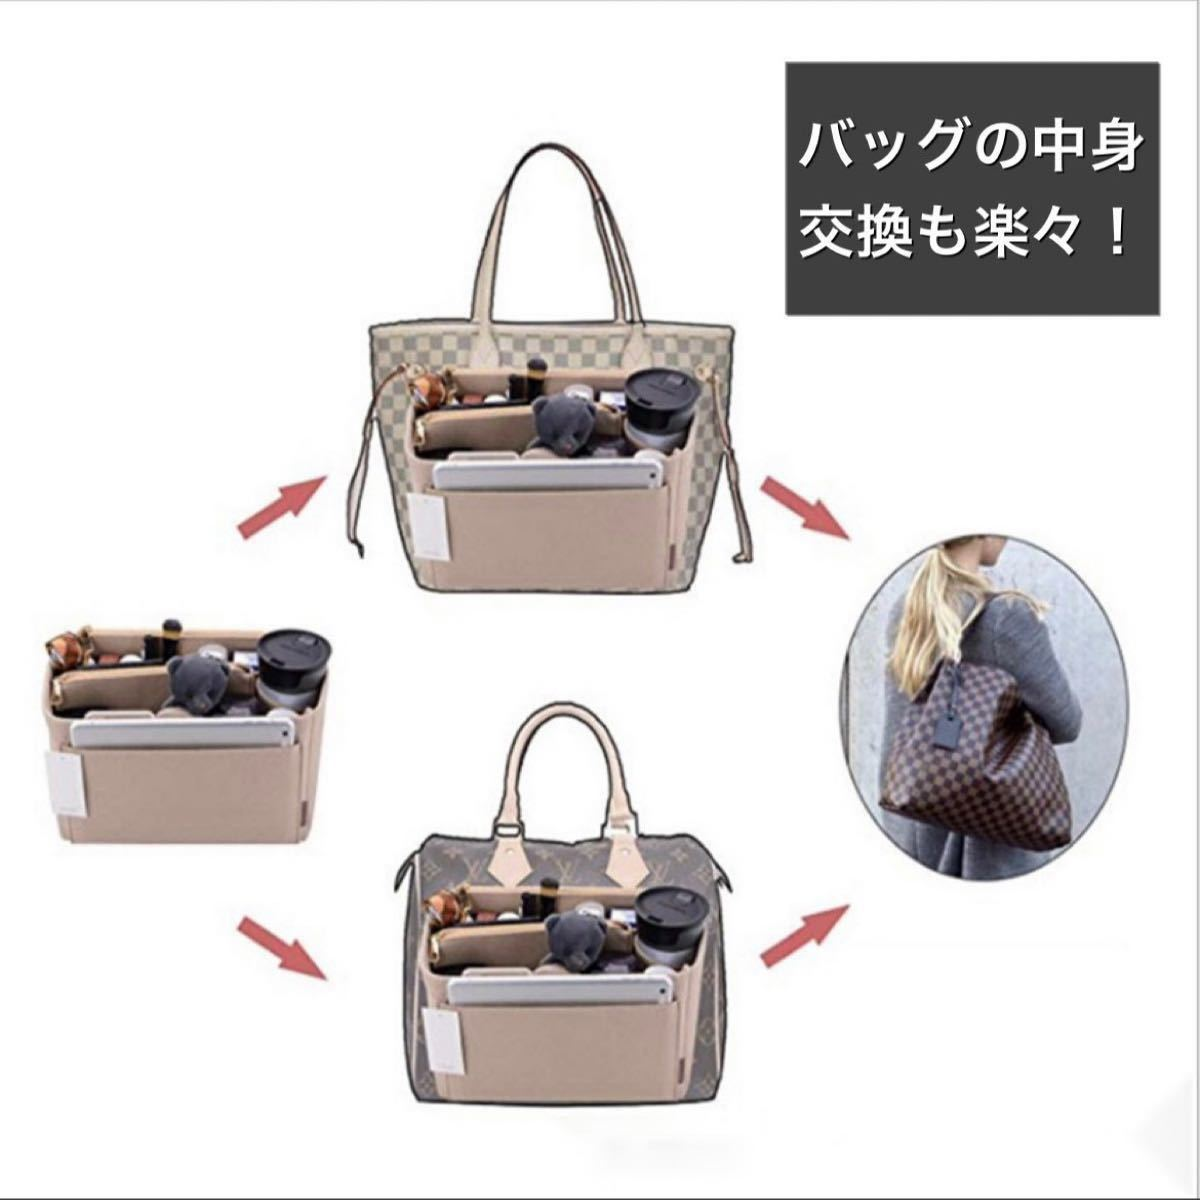 バッグインバッグ バッグ 収納 大容量 軽量 トートバッグ ハンドバッグ L メイクポーチ 旅行ポーチ 化粧ポーチ